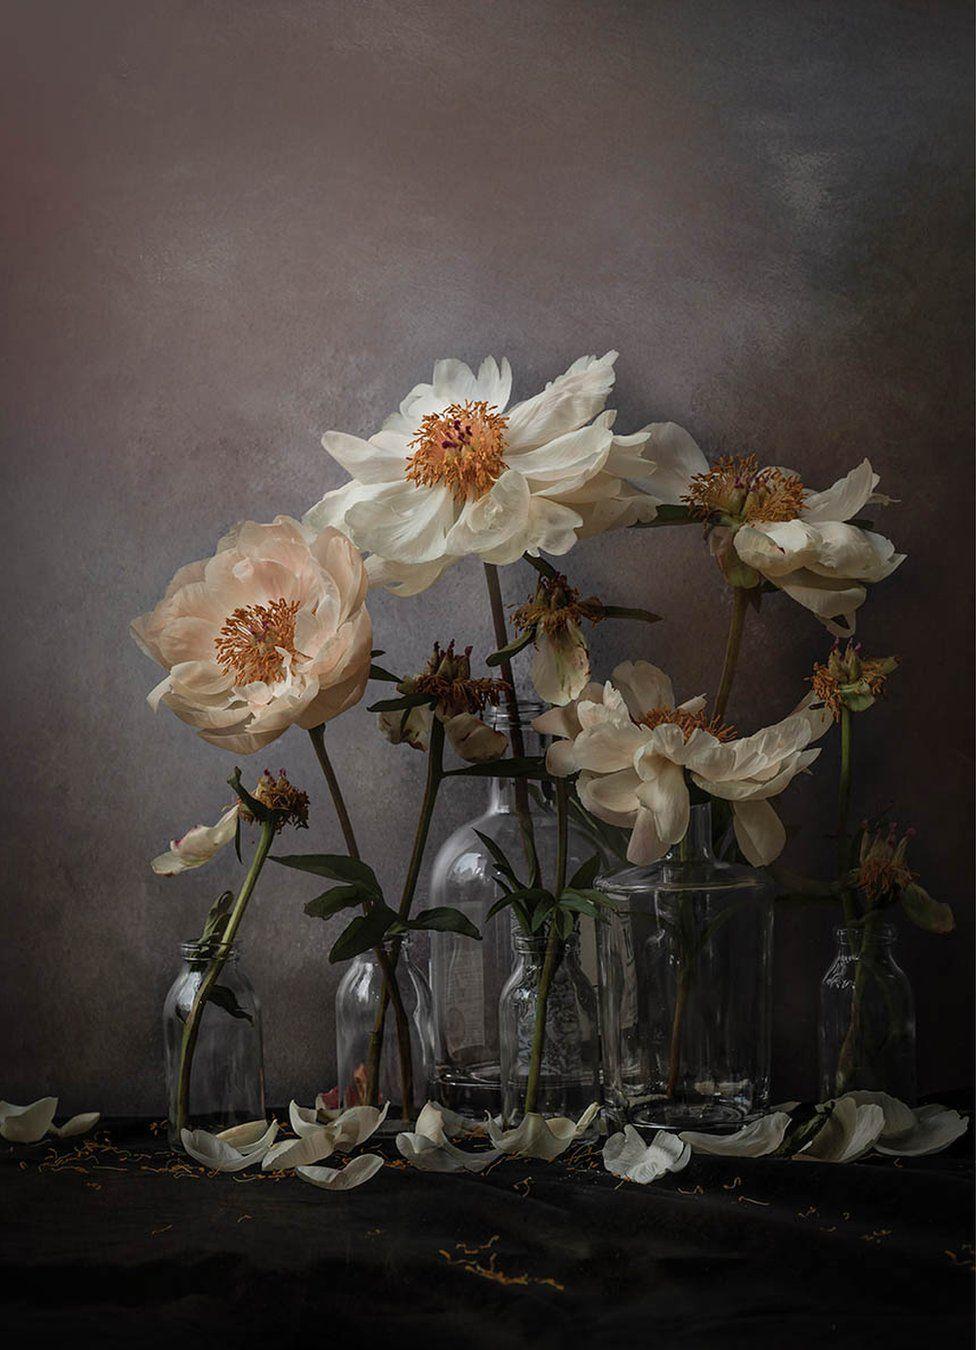 Flowers in empty gin bottles